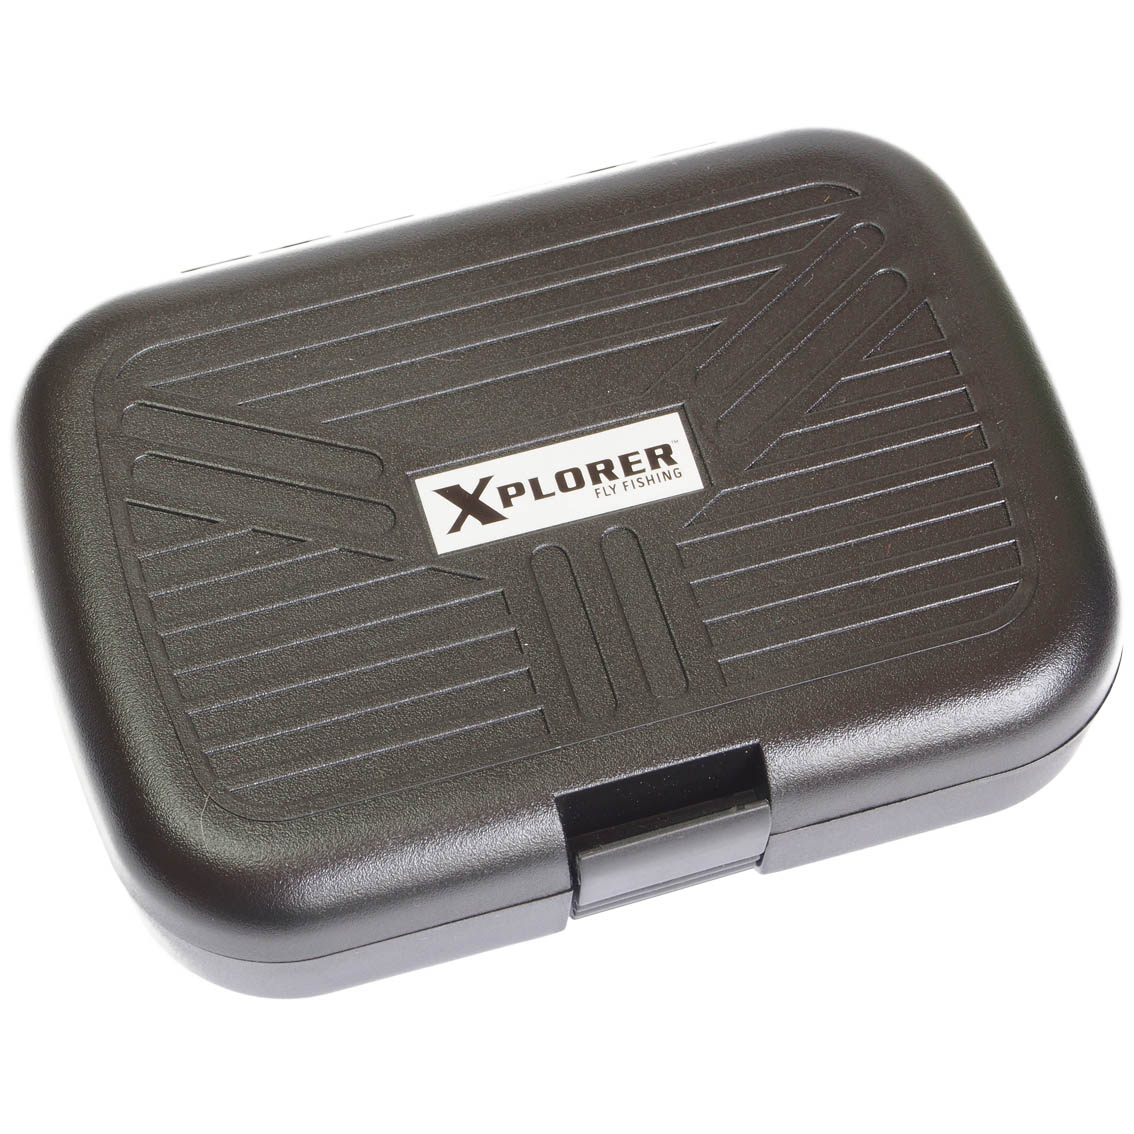 Caixa para Moscas Xplorer Pocket Pal Slit Box